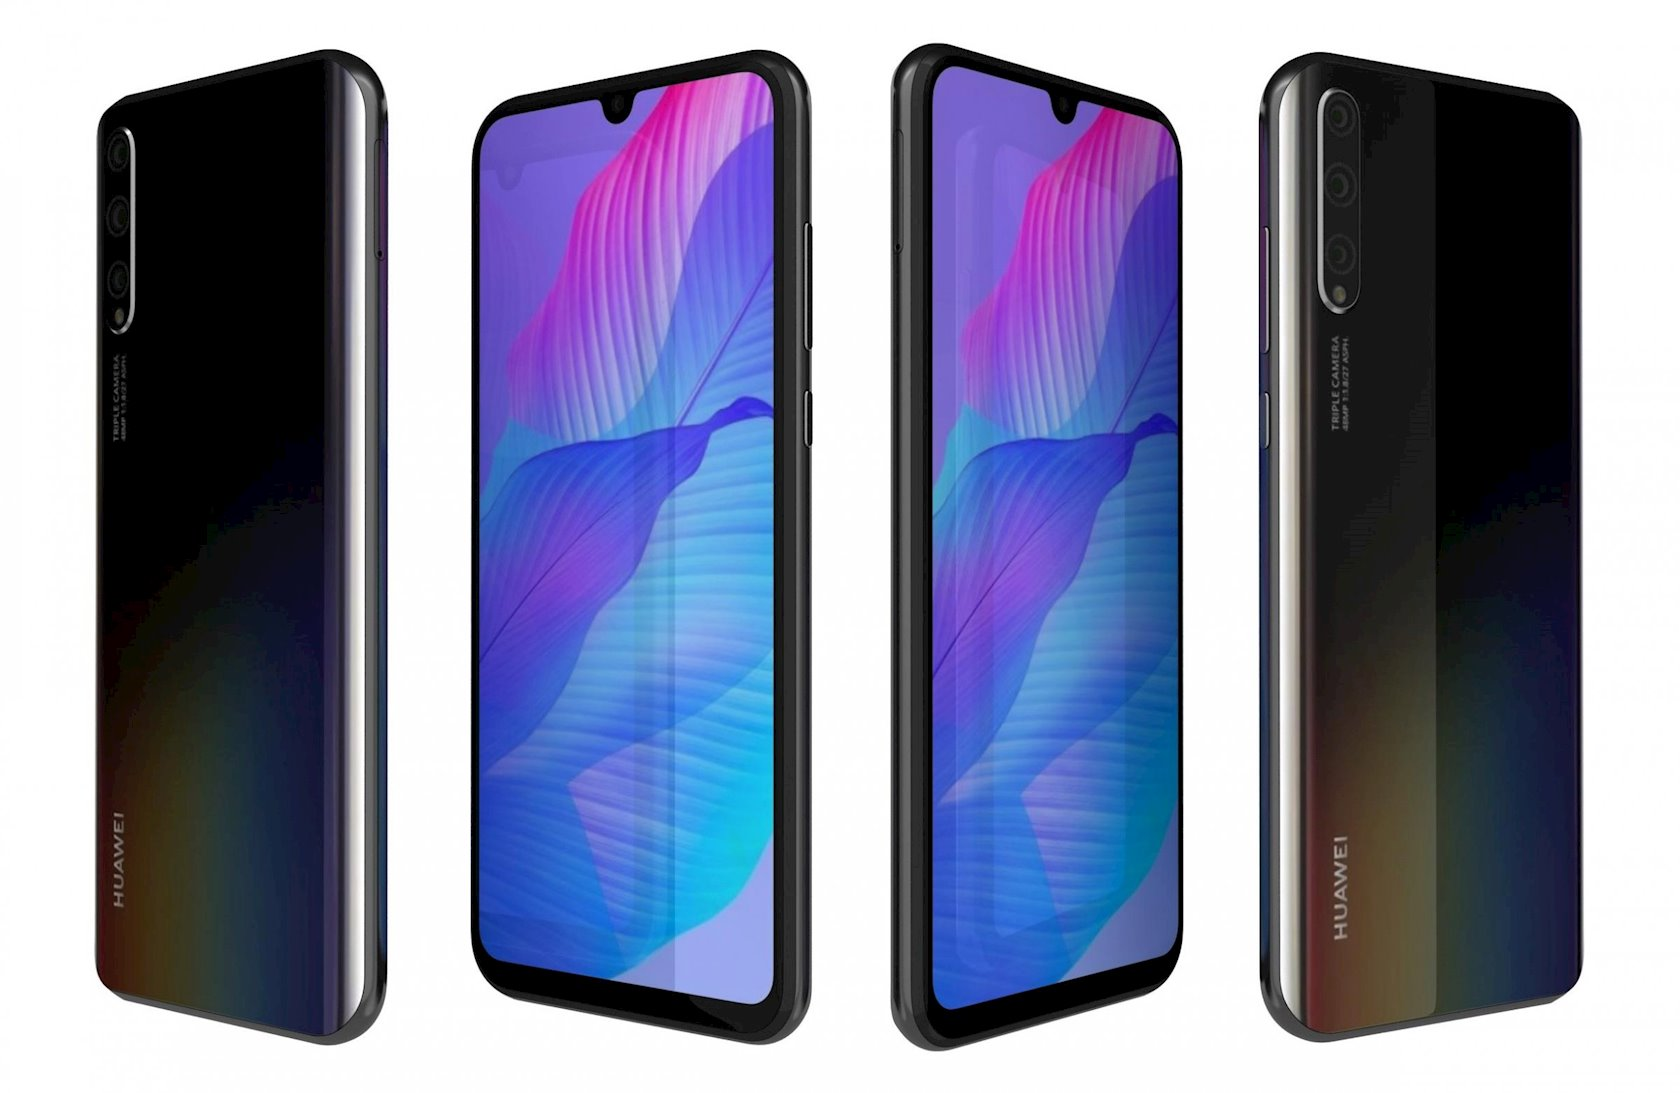 Smartfon Huawei Y8p 4GB/128GB Midnight Black